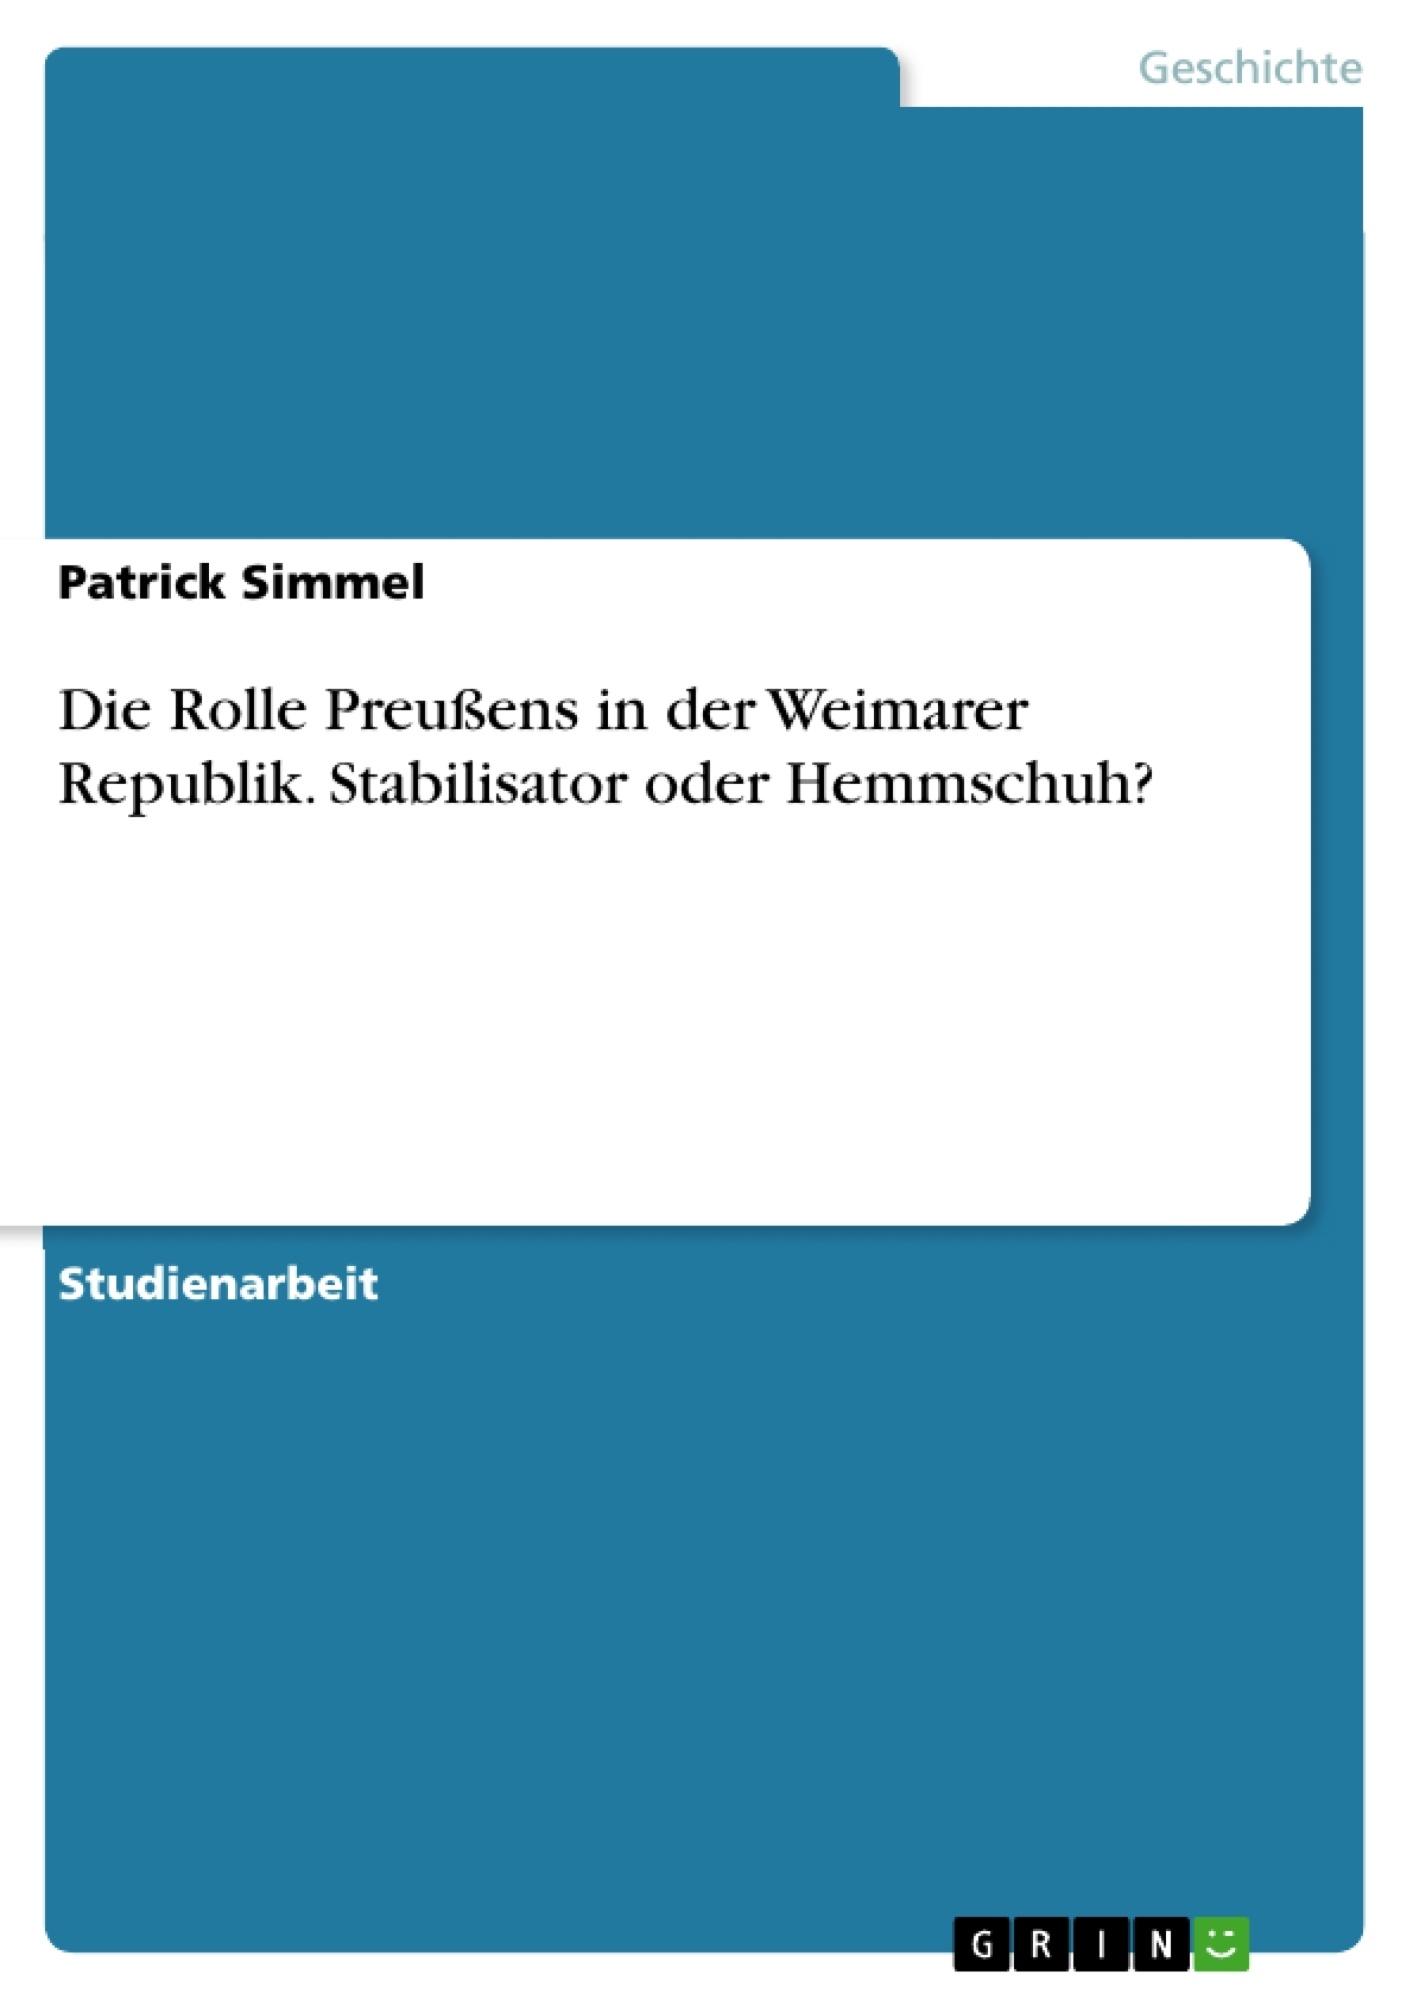 Titel: Die Rolle Preußens in der Weimarer Republik. Stabilisator oder Hemmschuh?